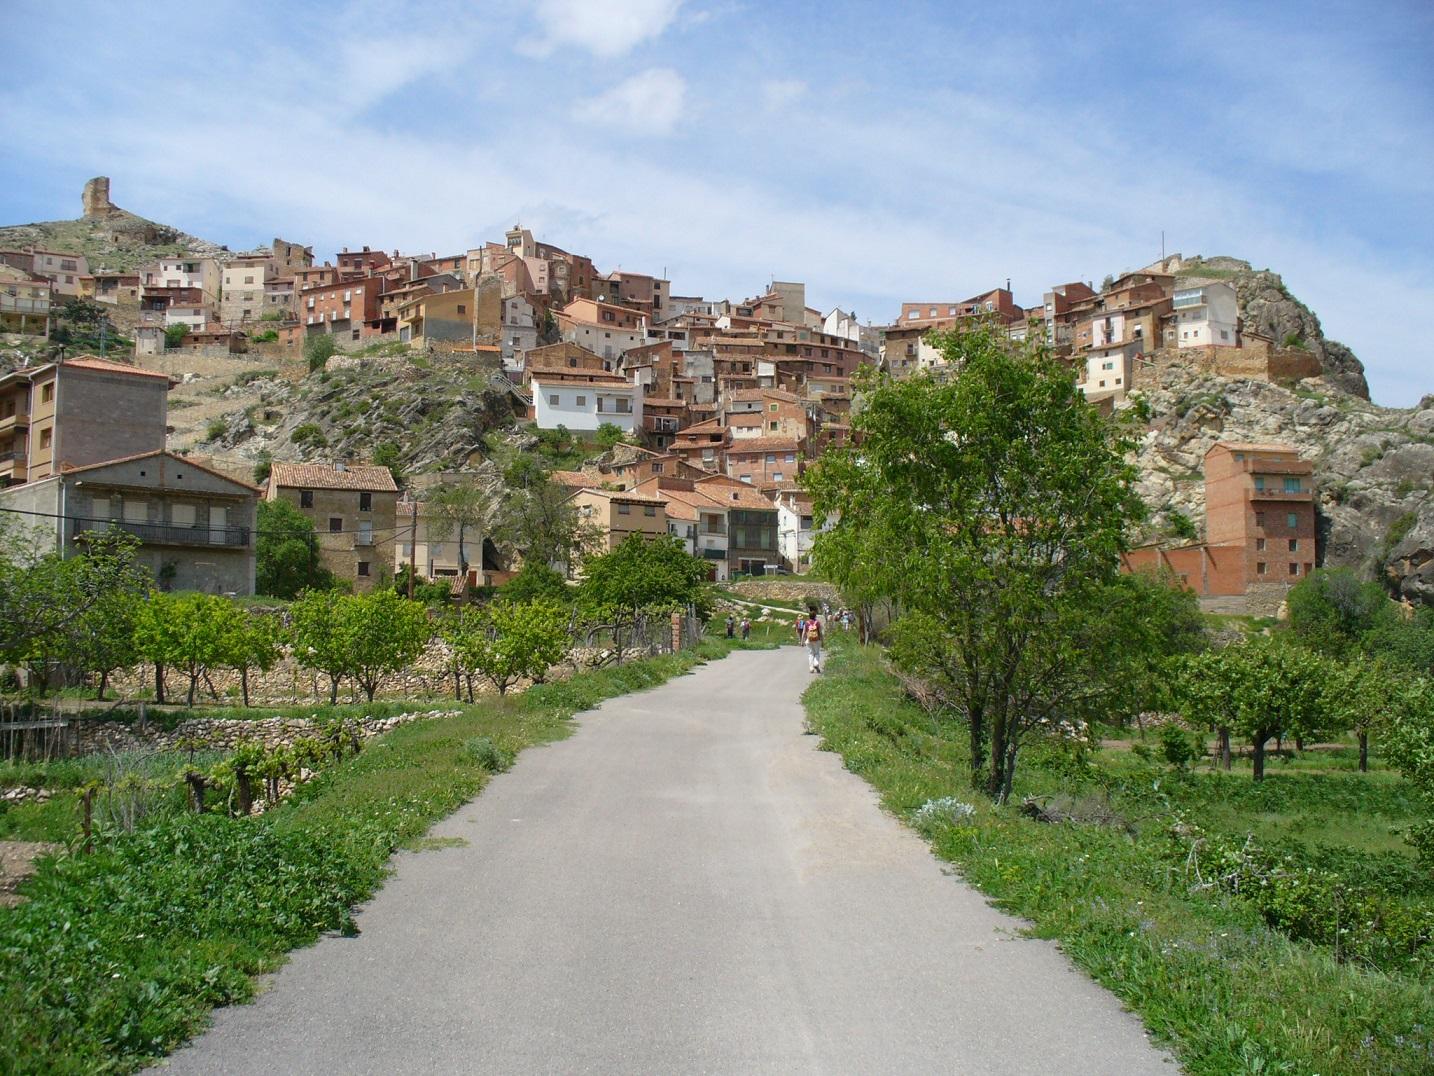 10 pueblos bonitos de la comunidad valenciana que quiz s no conoc as - Casa rurales comunidad valenciana ...